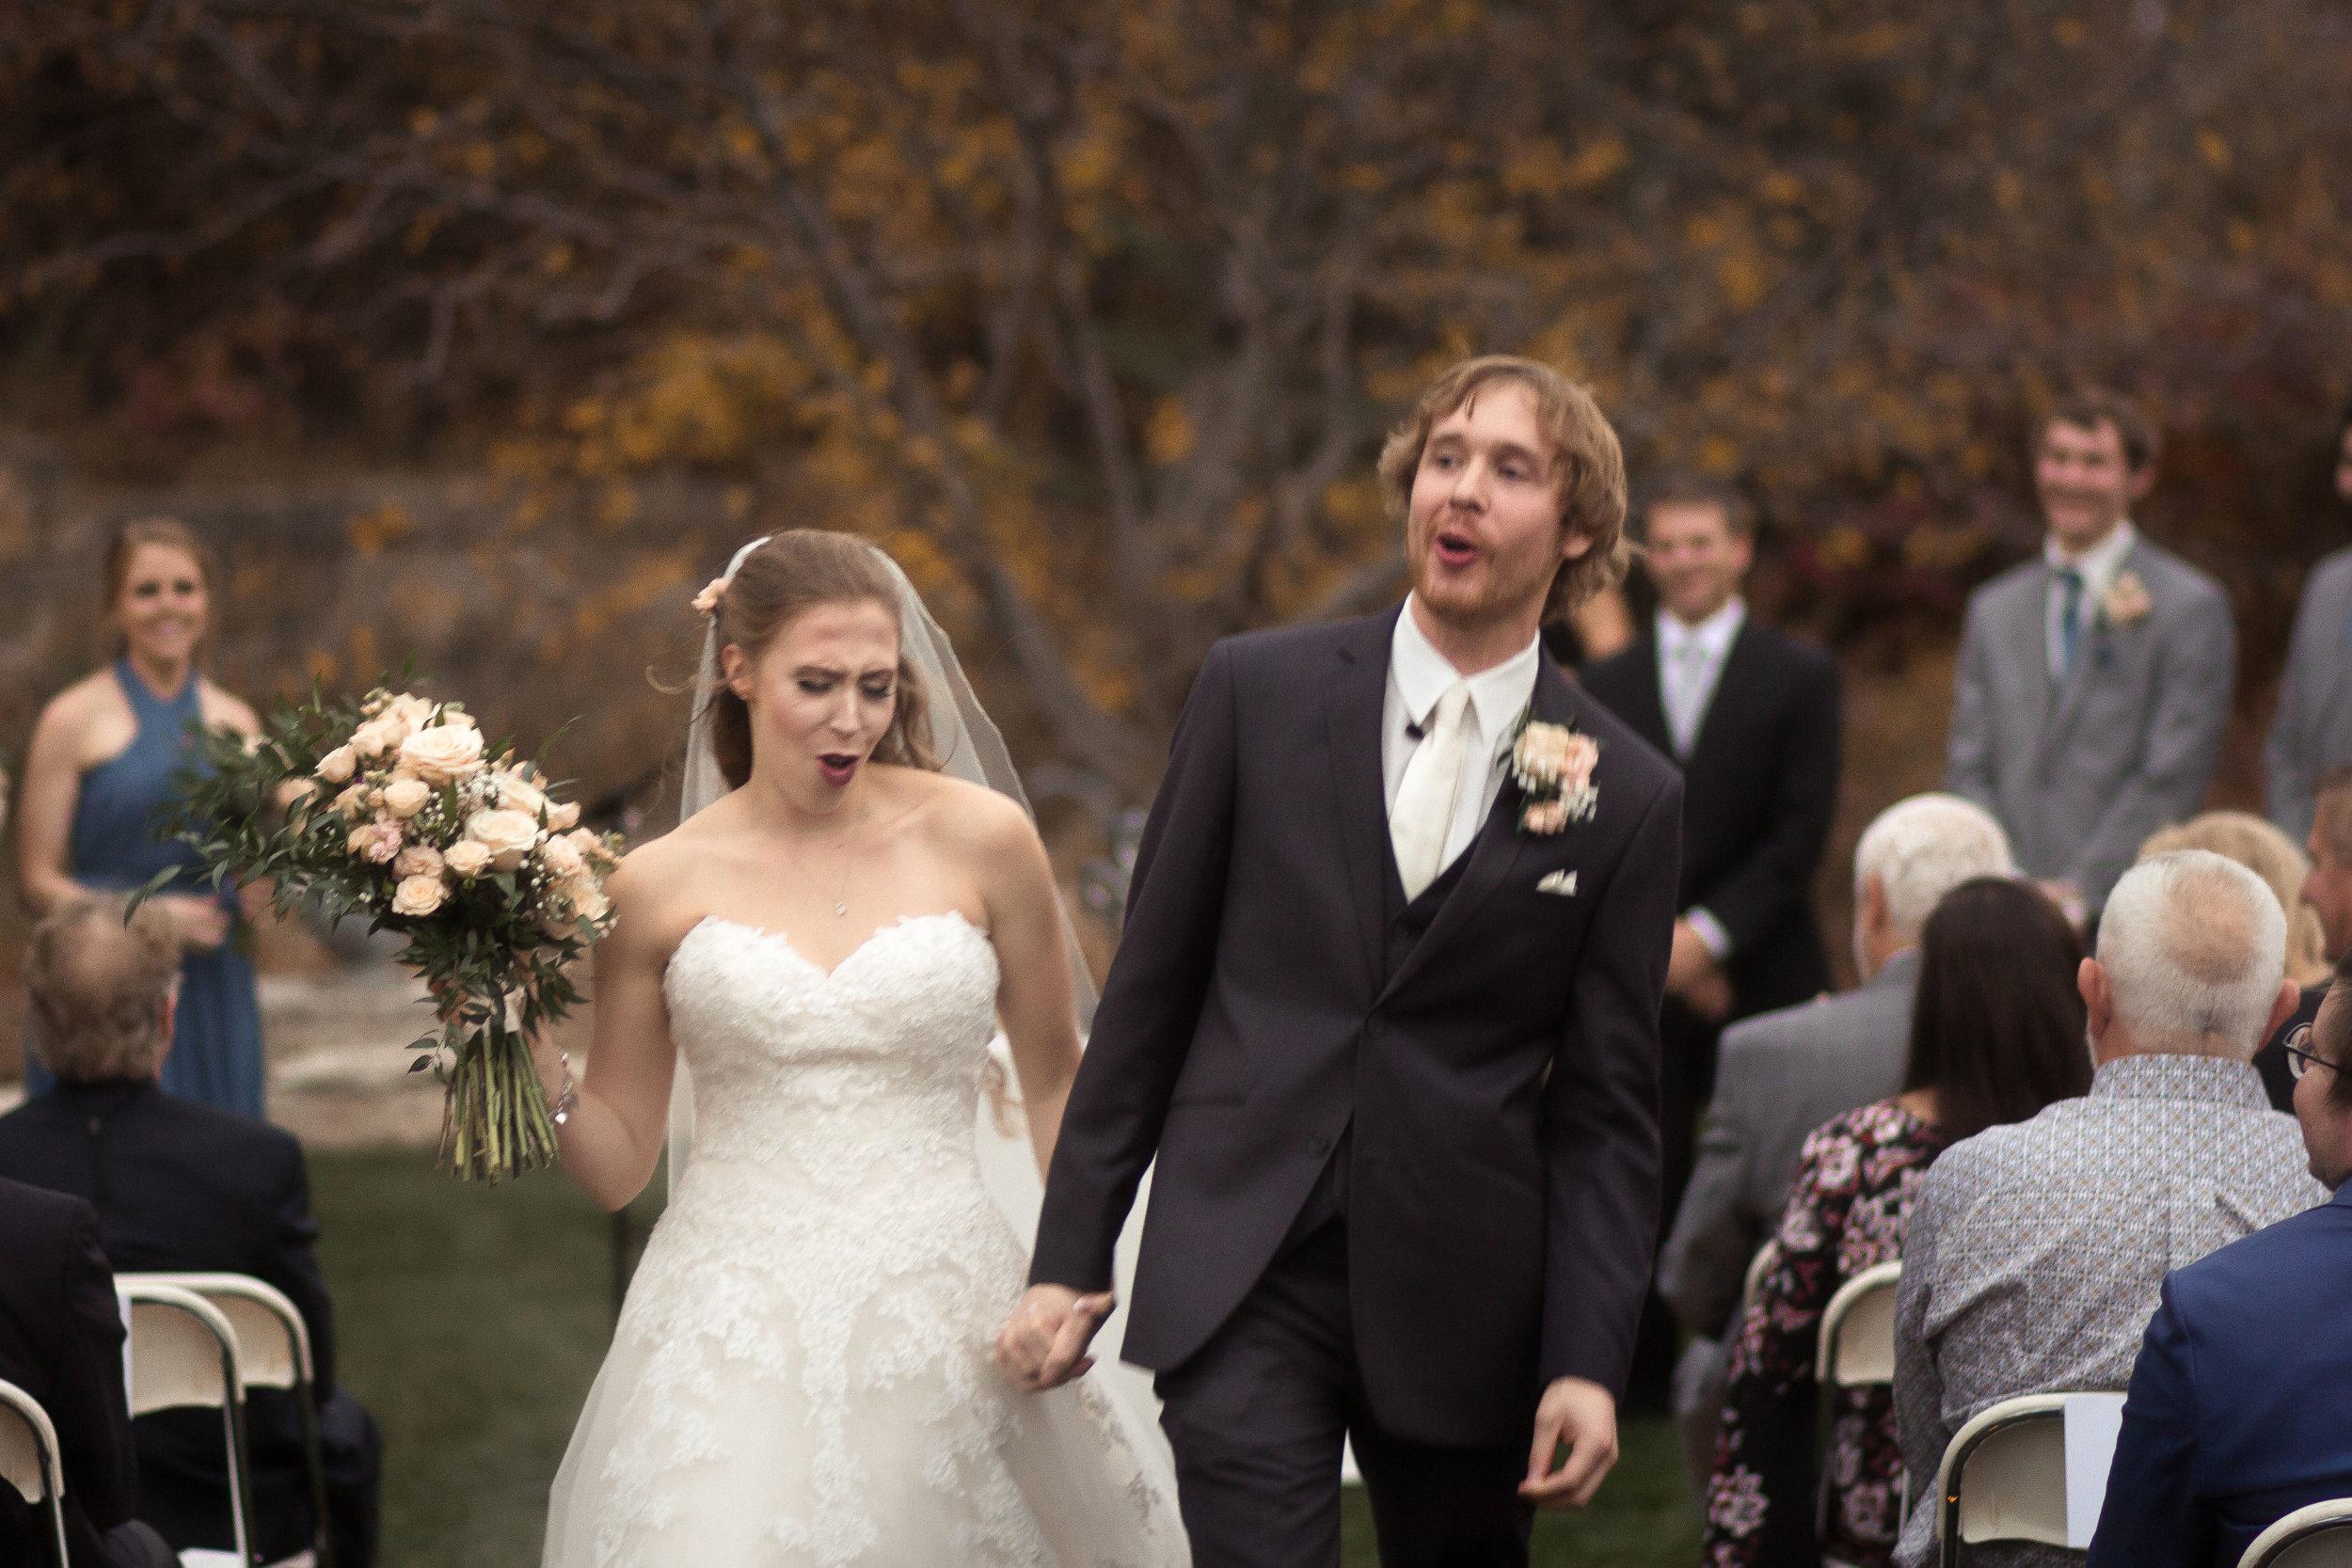 C_Wedding_Spellman, Megan & Tyler_10.27.18-1509.JPG